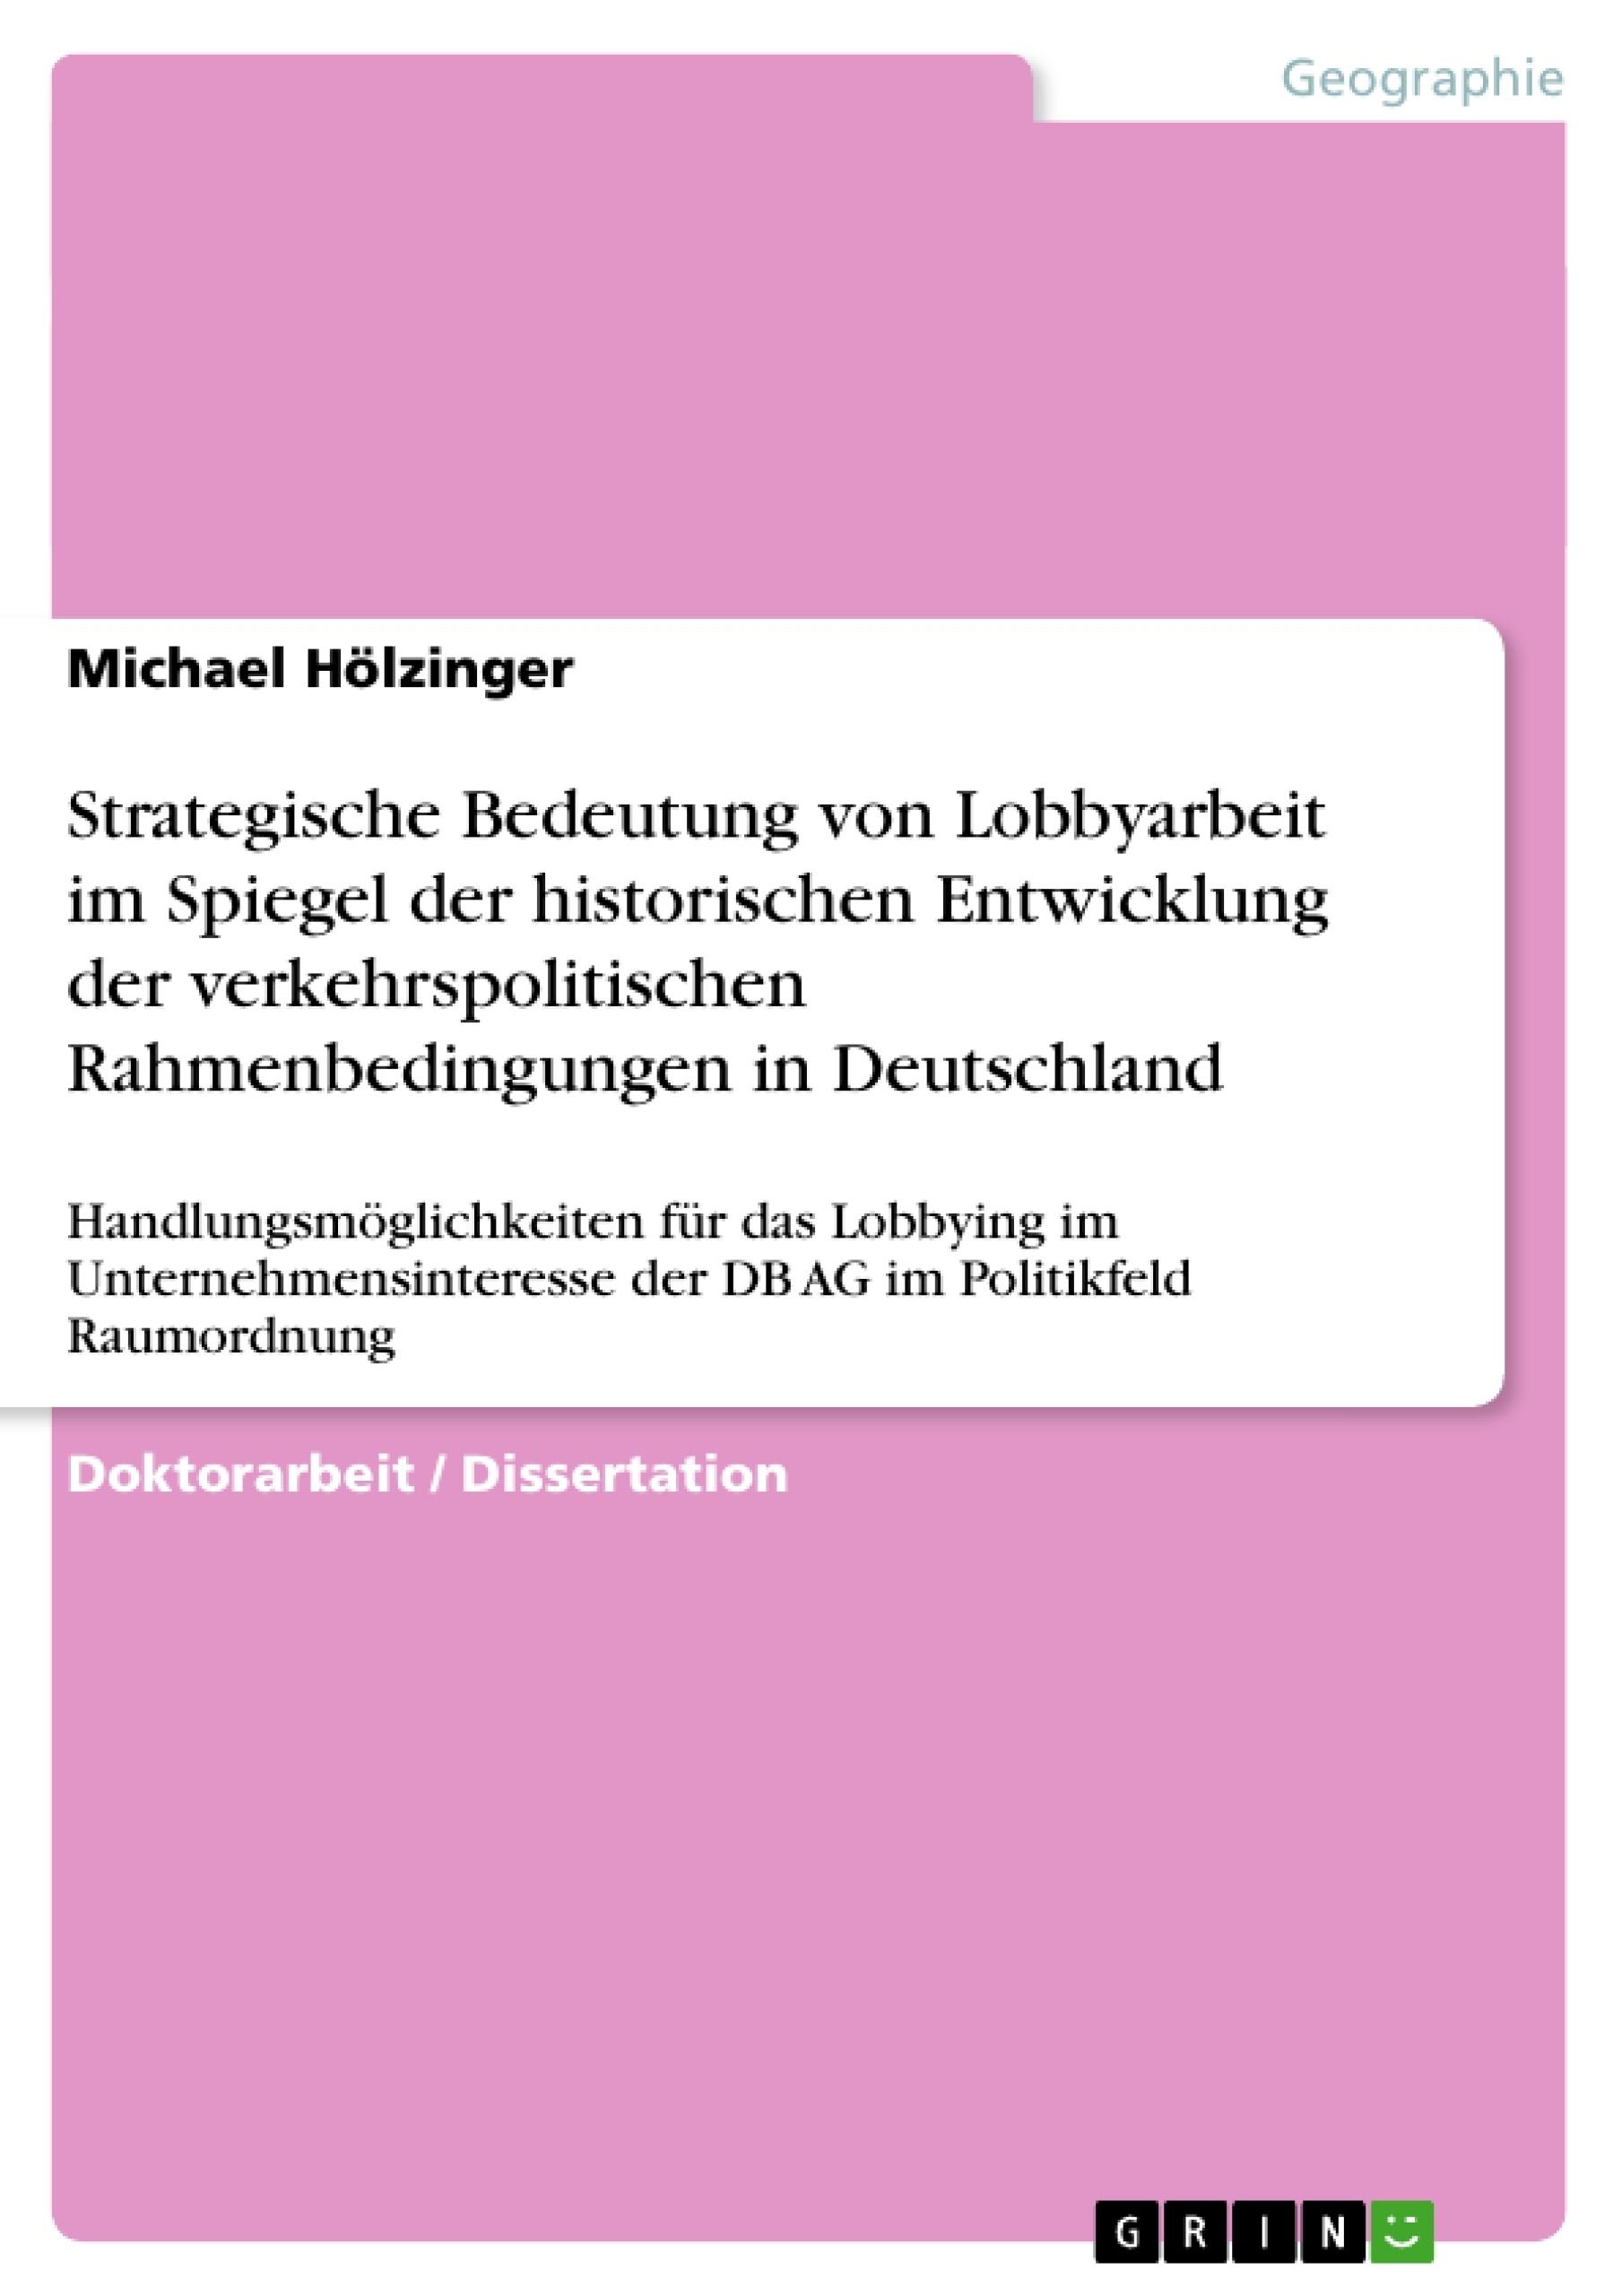 Titel: Strategische Bedeutung von Lobbyarbeit im Spiegel der historischen Entwicklung der verkehrspolitischen Rahmenbedingungen in Deutschland